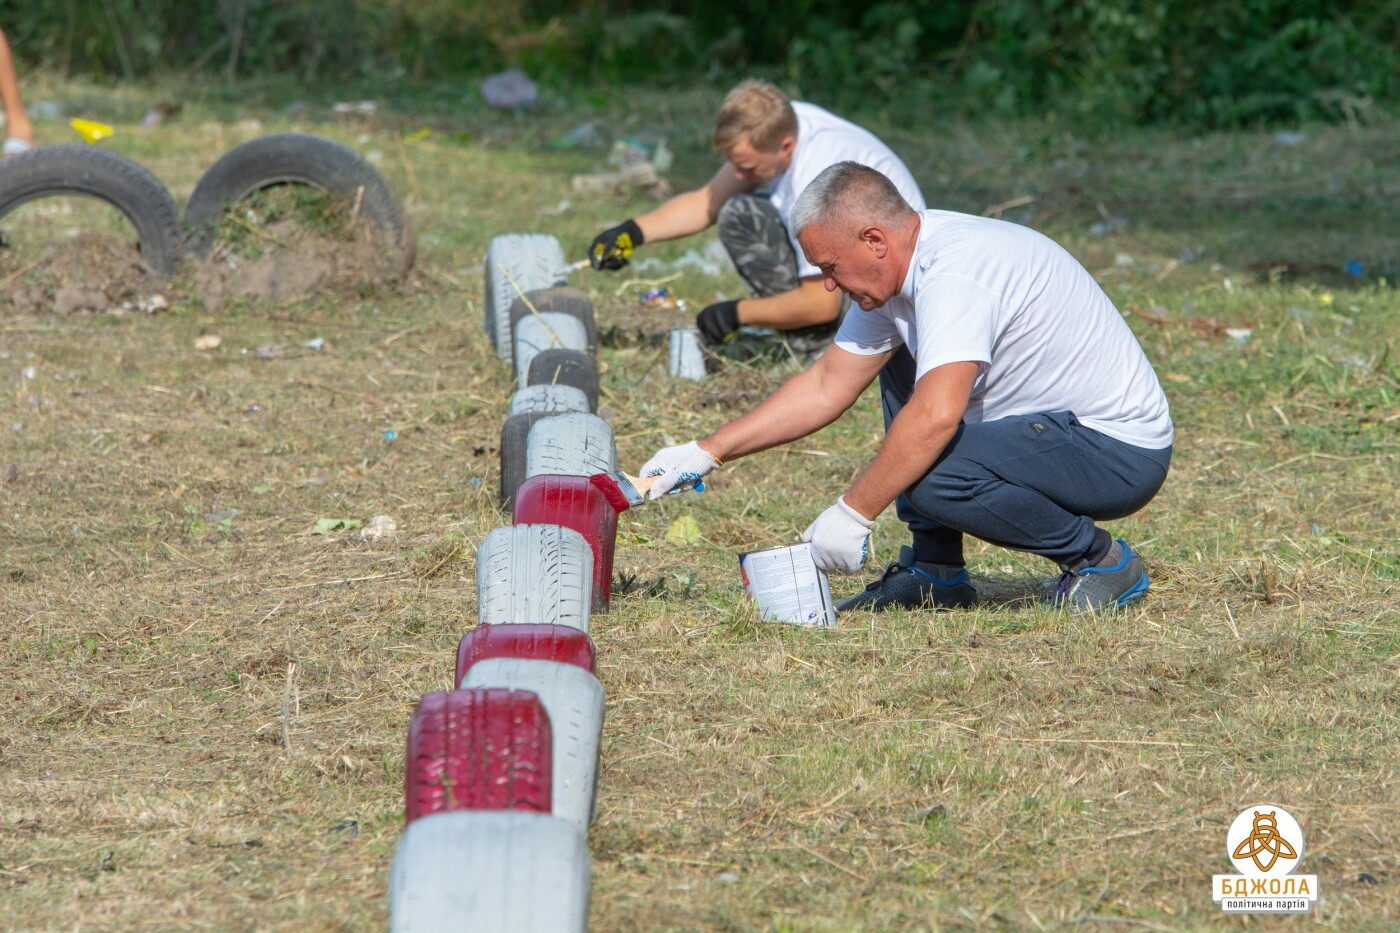 Активисты политической партии «БДЖОЛА» привели в порядок футбольное поле по проспекту Стуса, фото-3